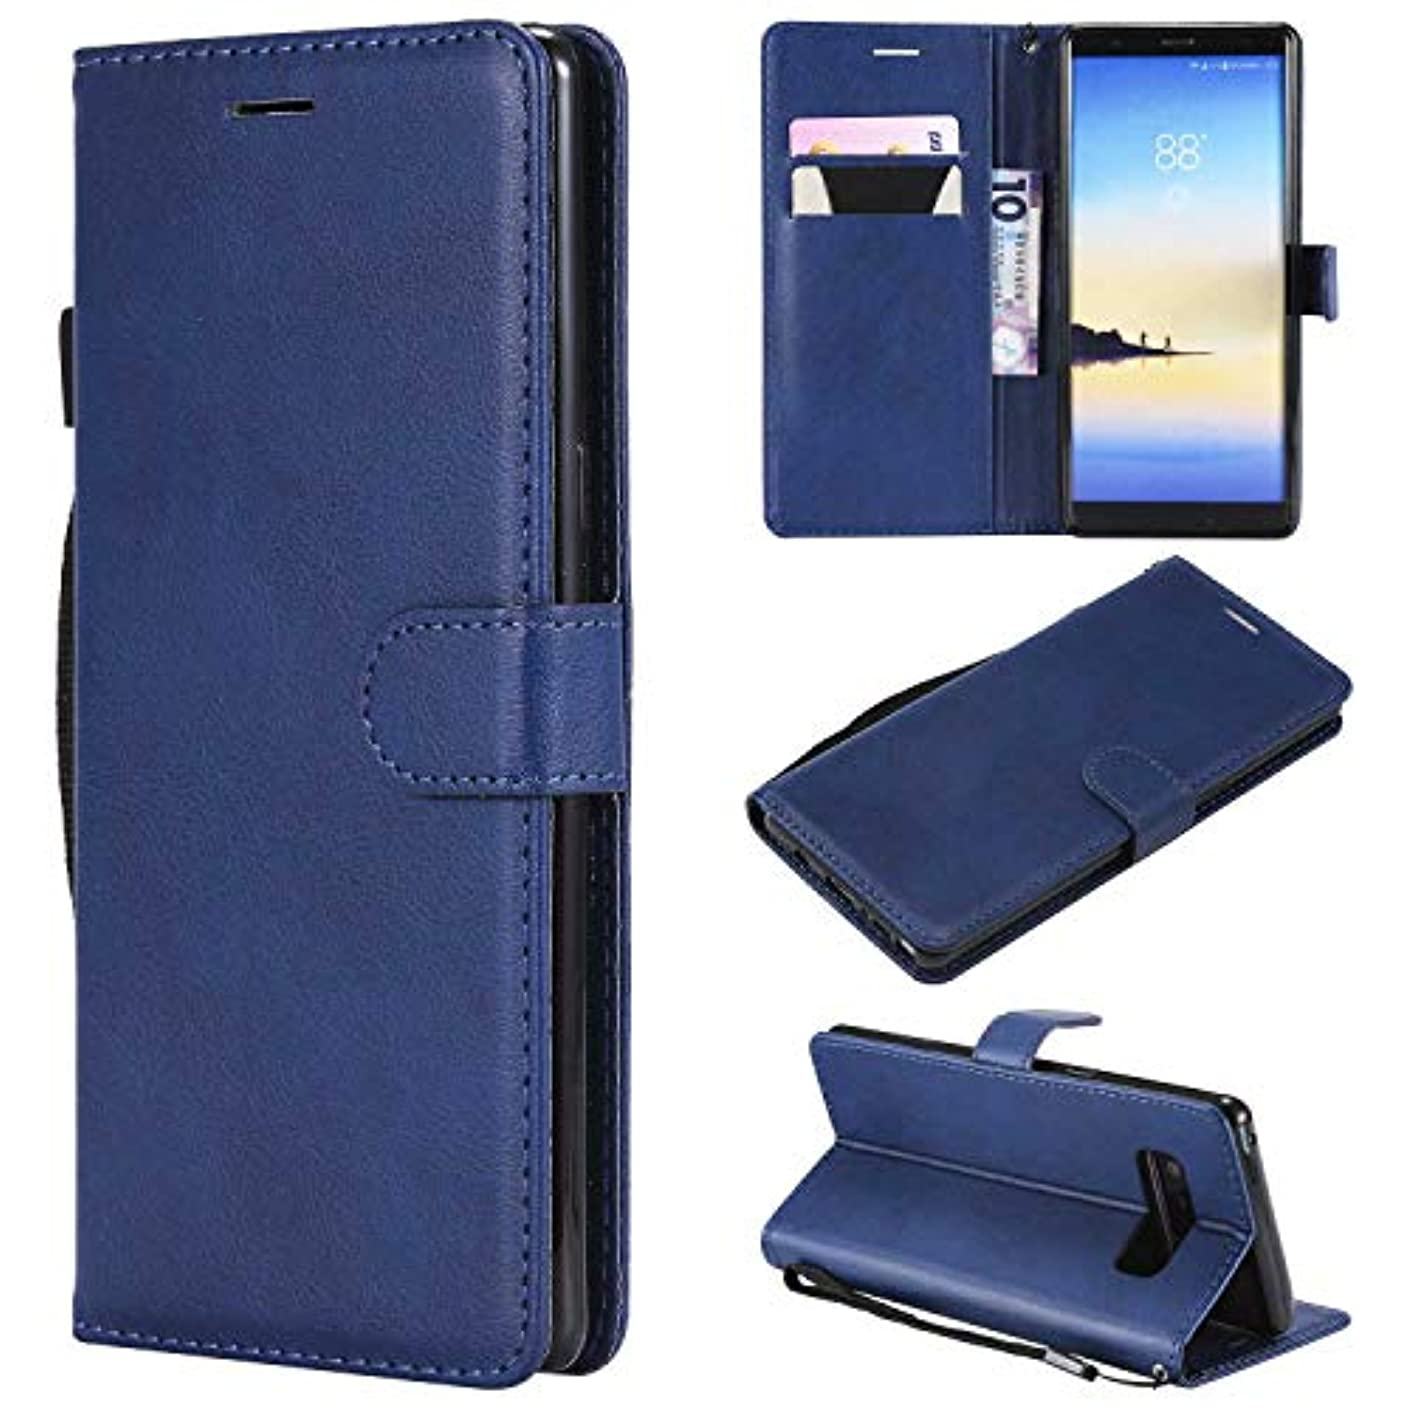 逆に氏実際のGalaxy Note 8 ケース手帳型 OMATENTI レザー 革 薄型 手帳型カバー カード入れ スタンド機能 サムスン Galaxy Note 8 おしゃれ 手帳ケース (6-ブルー)